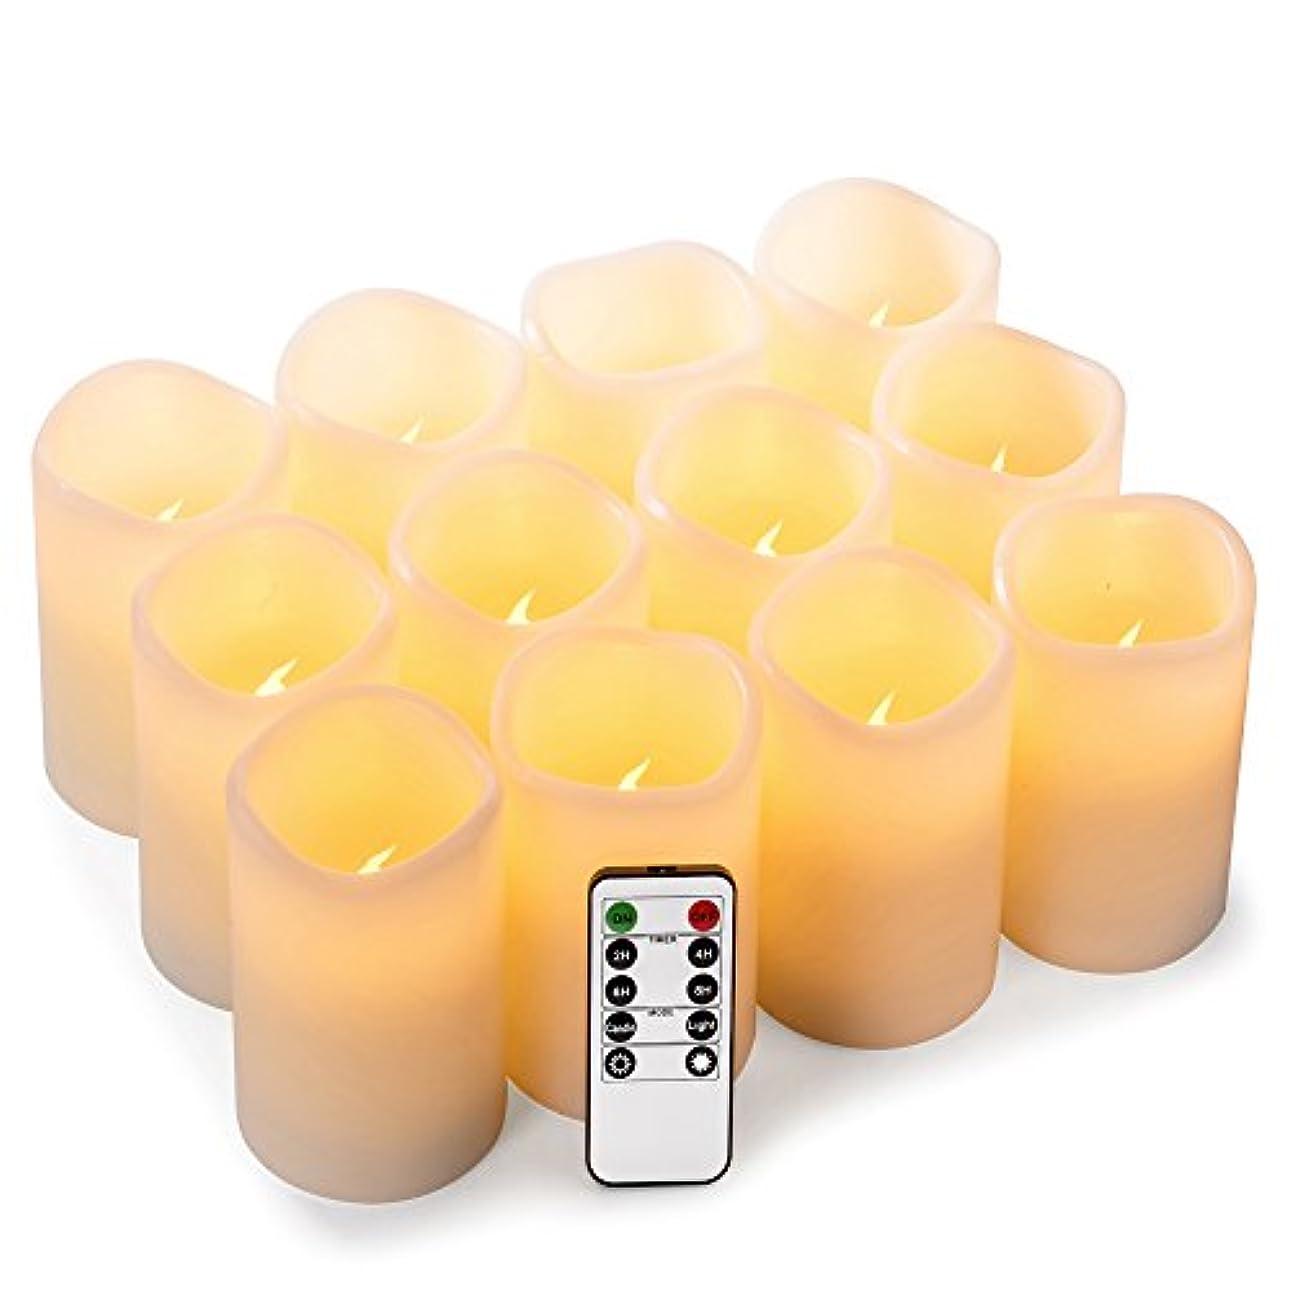 真空ハブブ銛enpornkフレイムレスキャンドル電池式LED Pillar RealワックスちらつきElectric無香キャンドルwithリモートコントロールサイクリング24時間タイマー、アイボリー色、12セット ホワイト